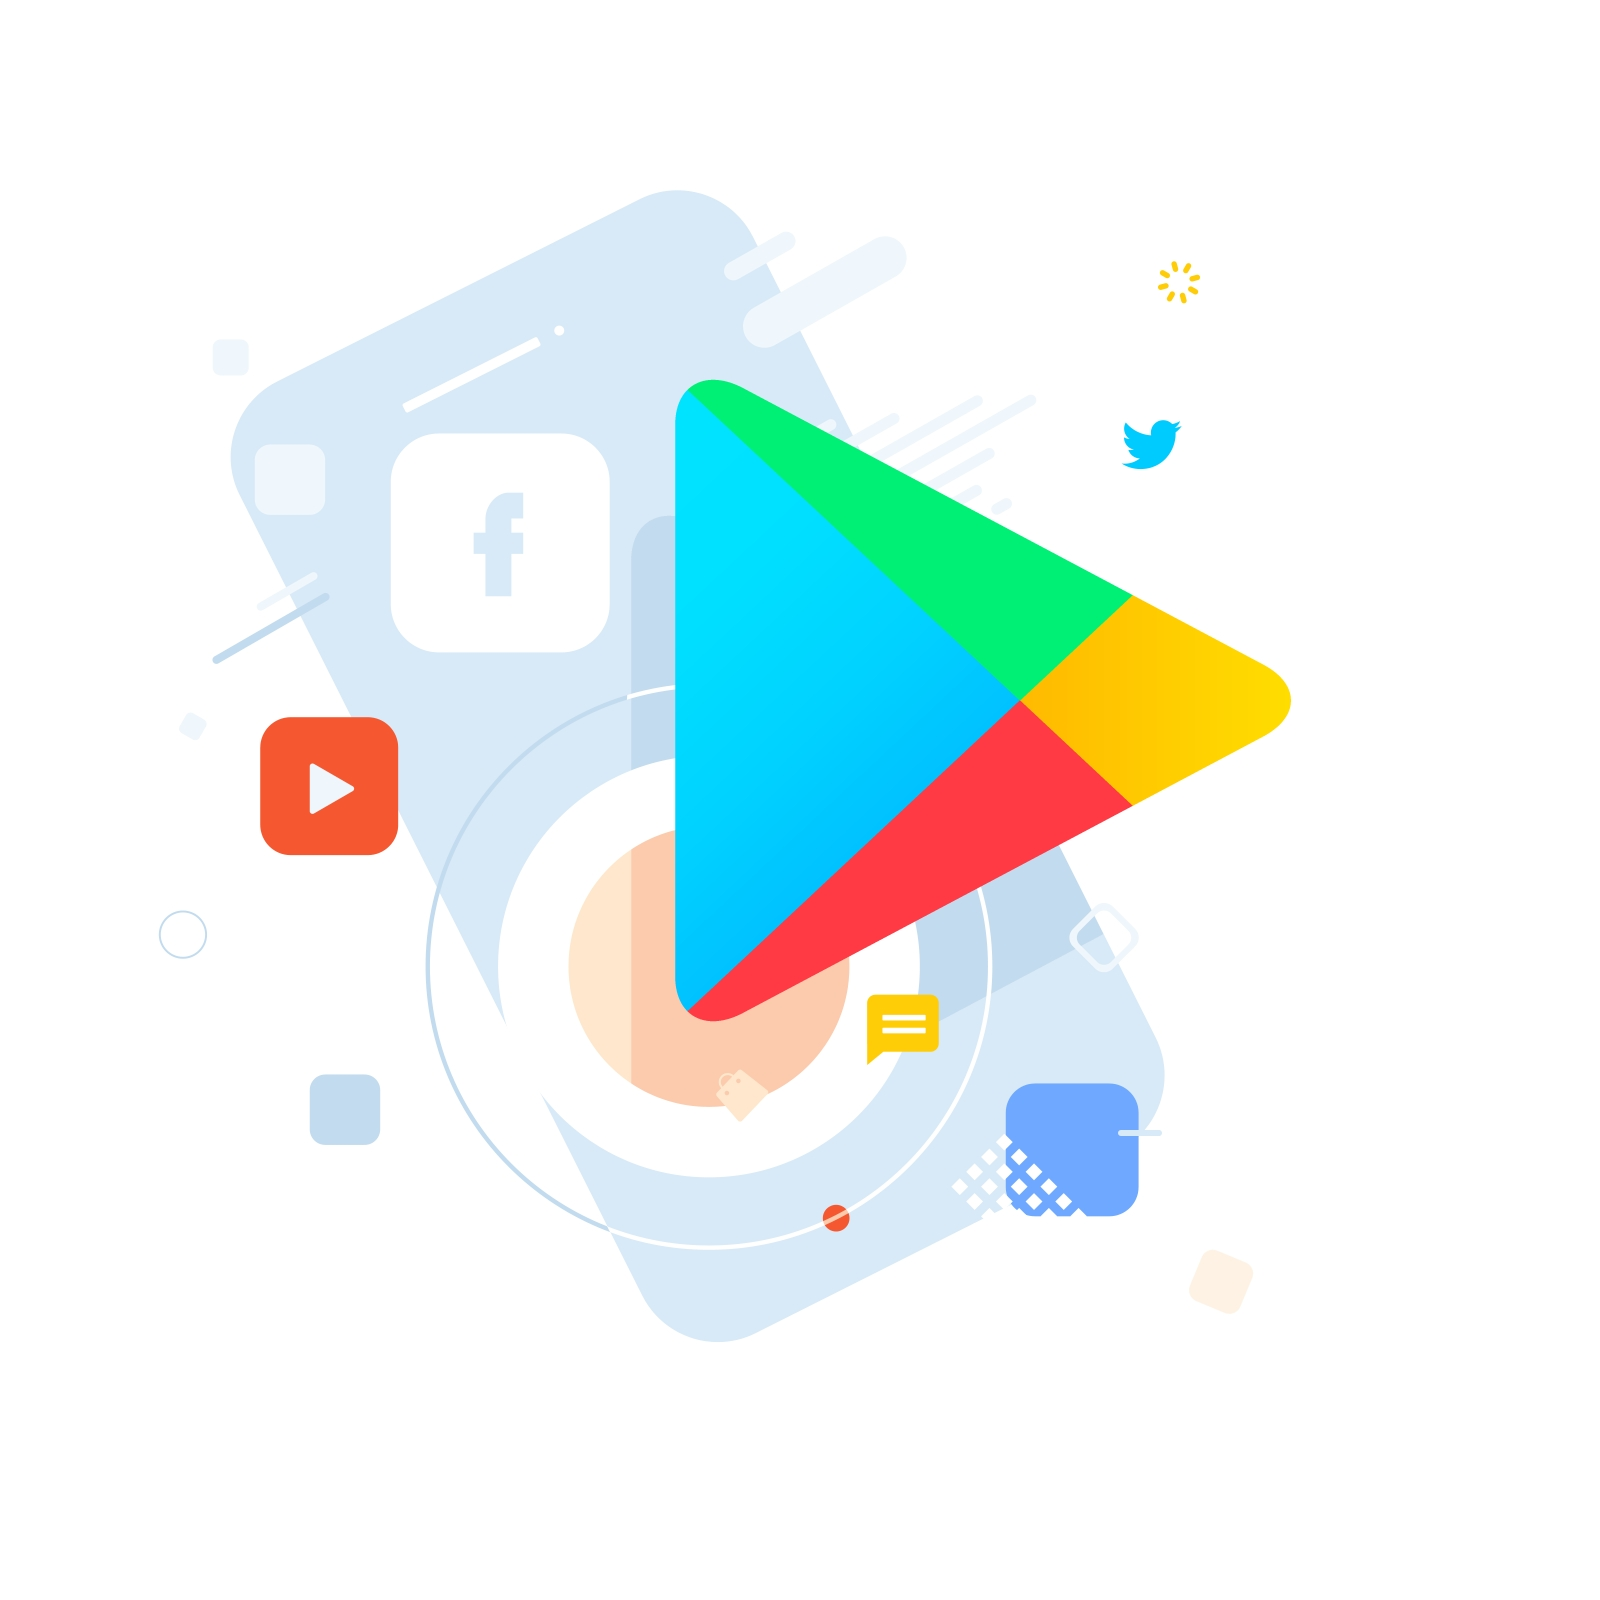 Google razantně změní způsob hodnocení aplikací a her